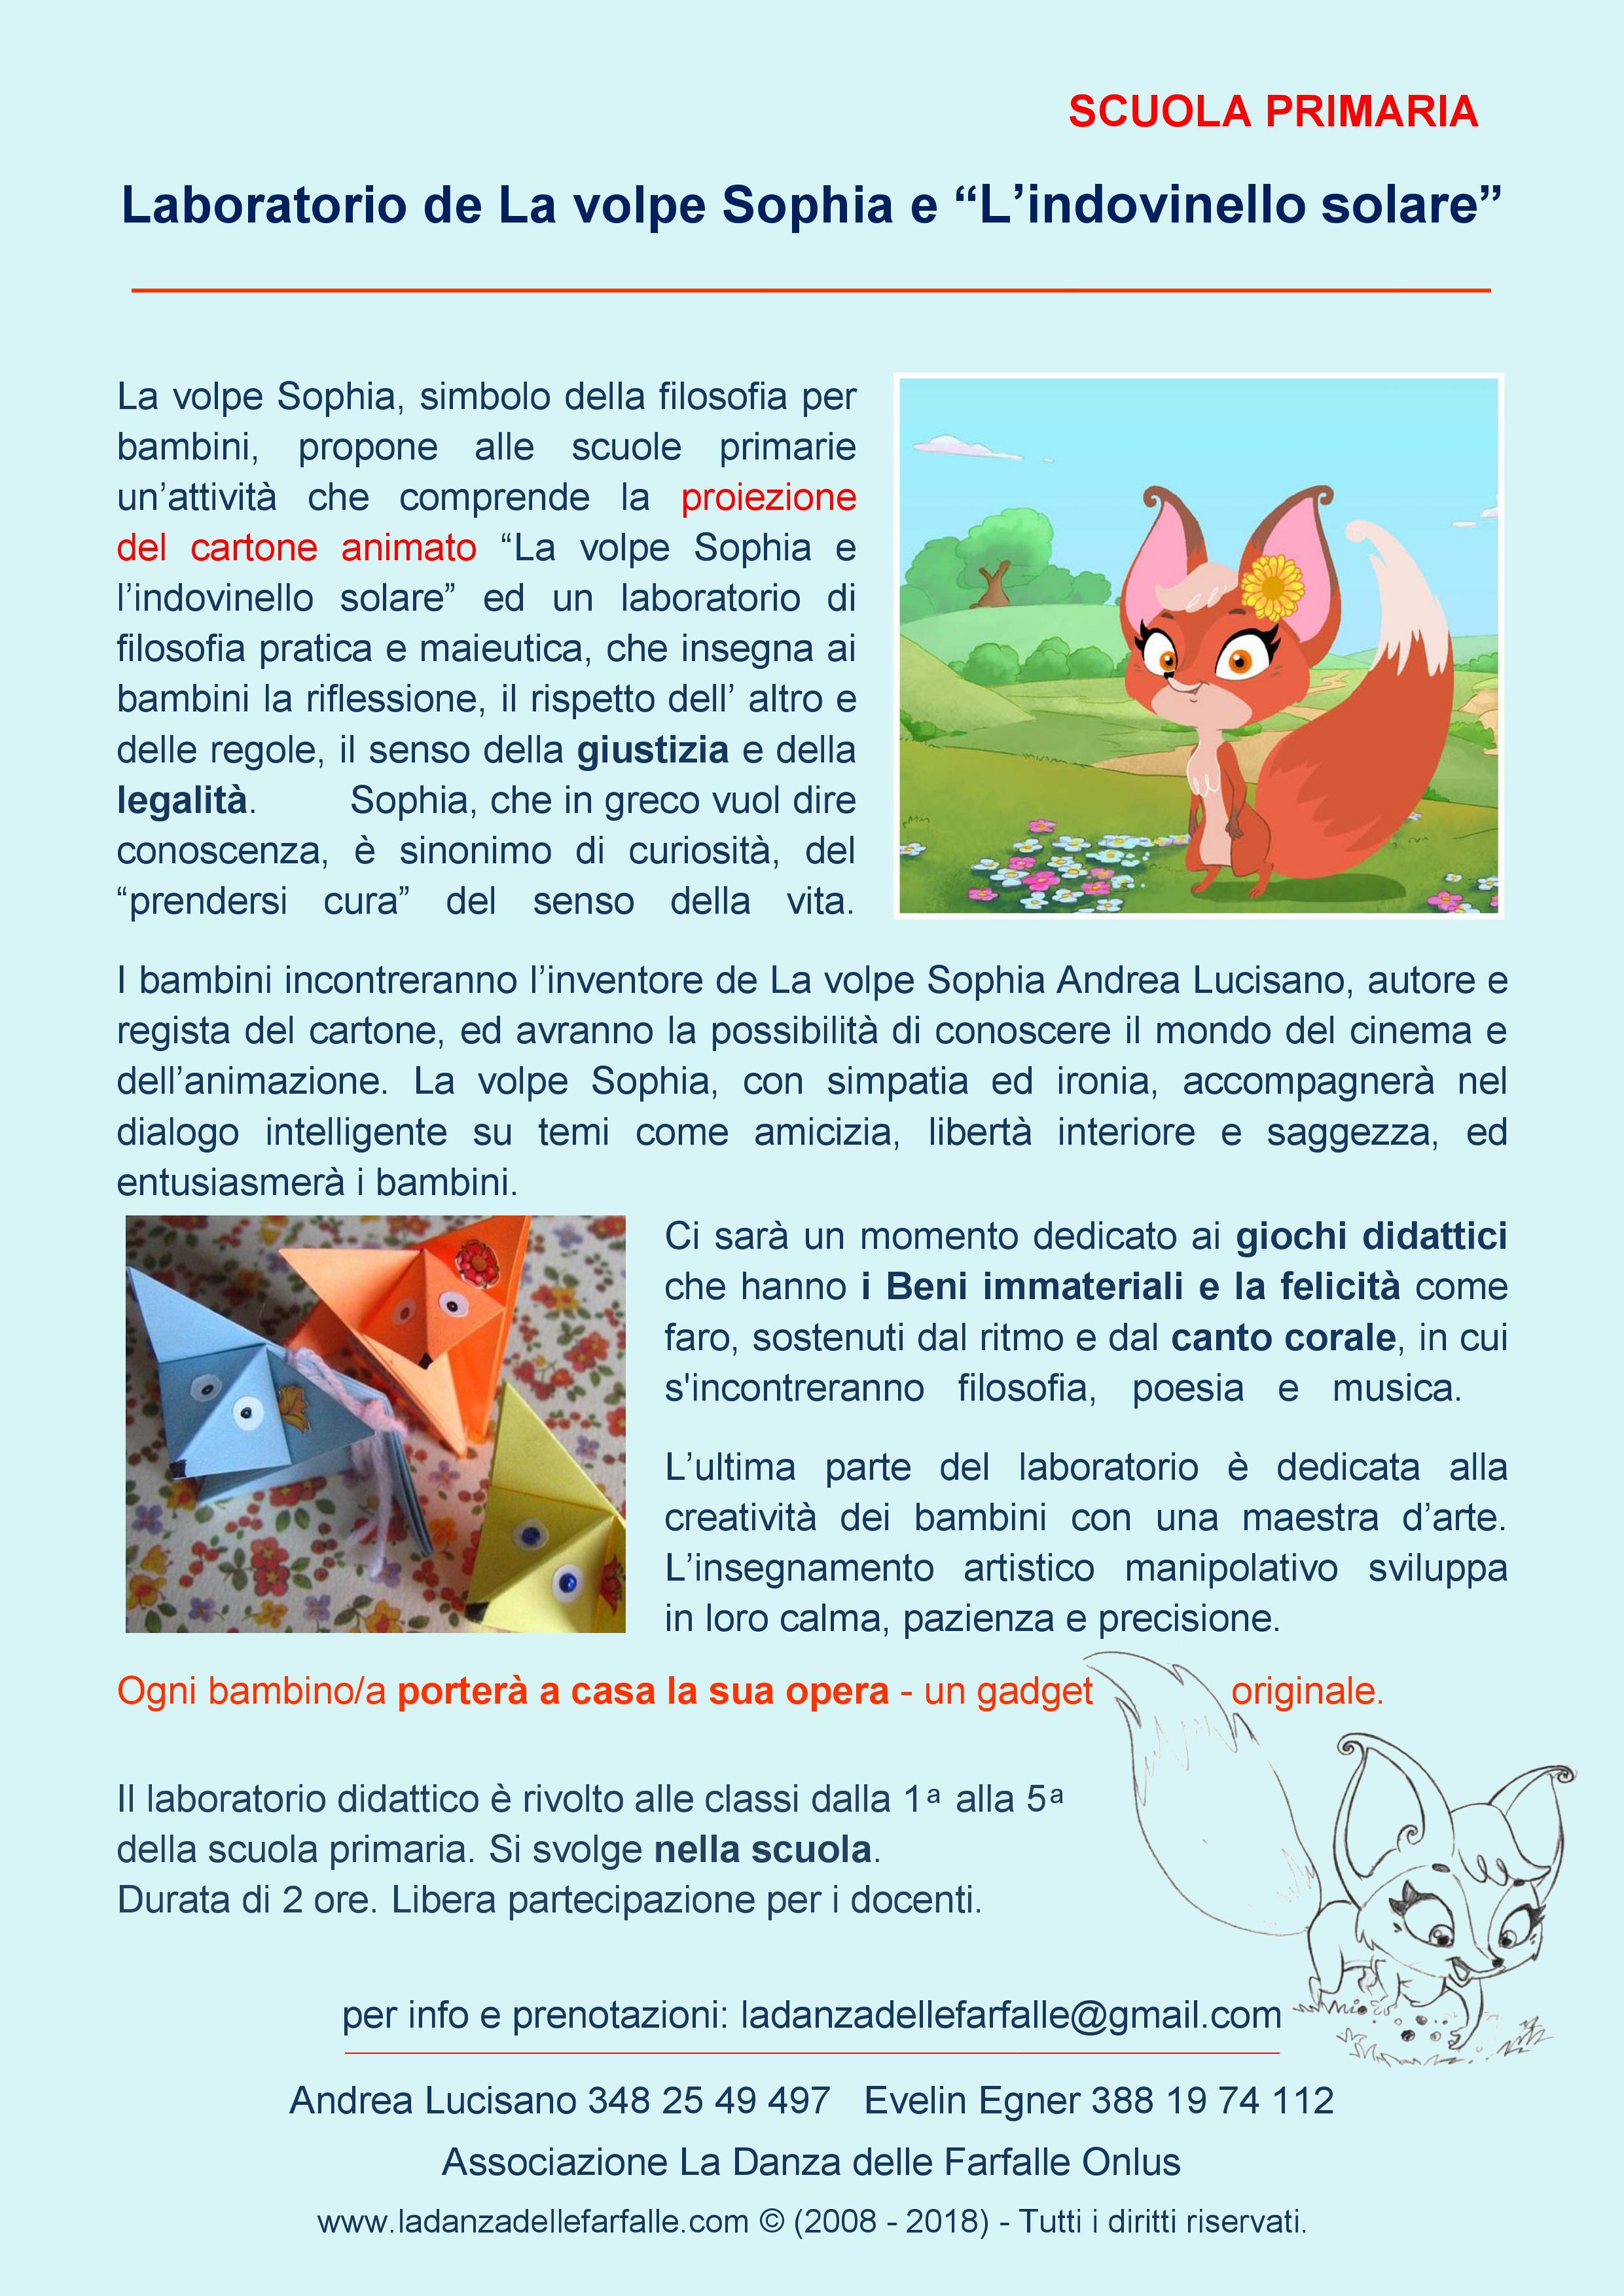 La volpe sophia nelle scuole primarie